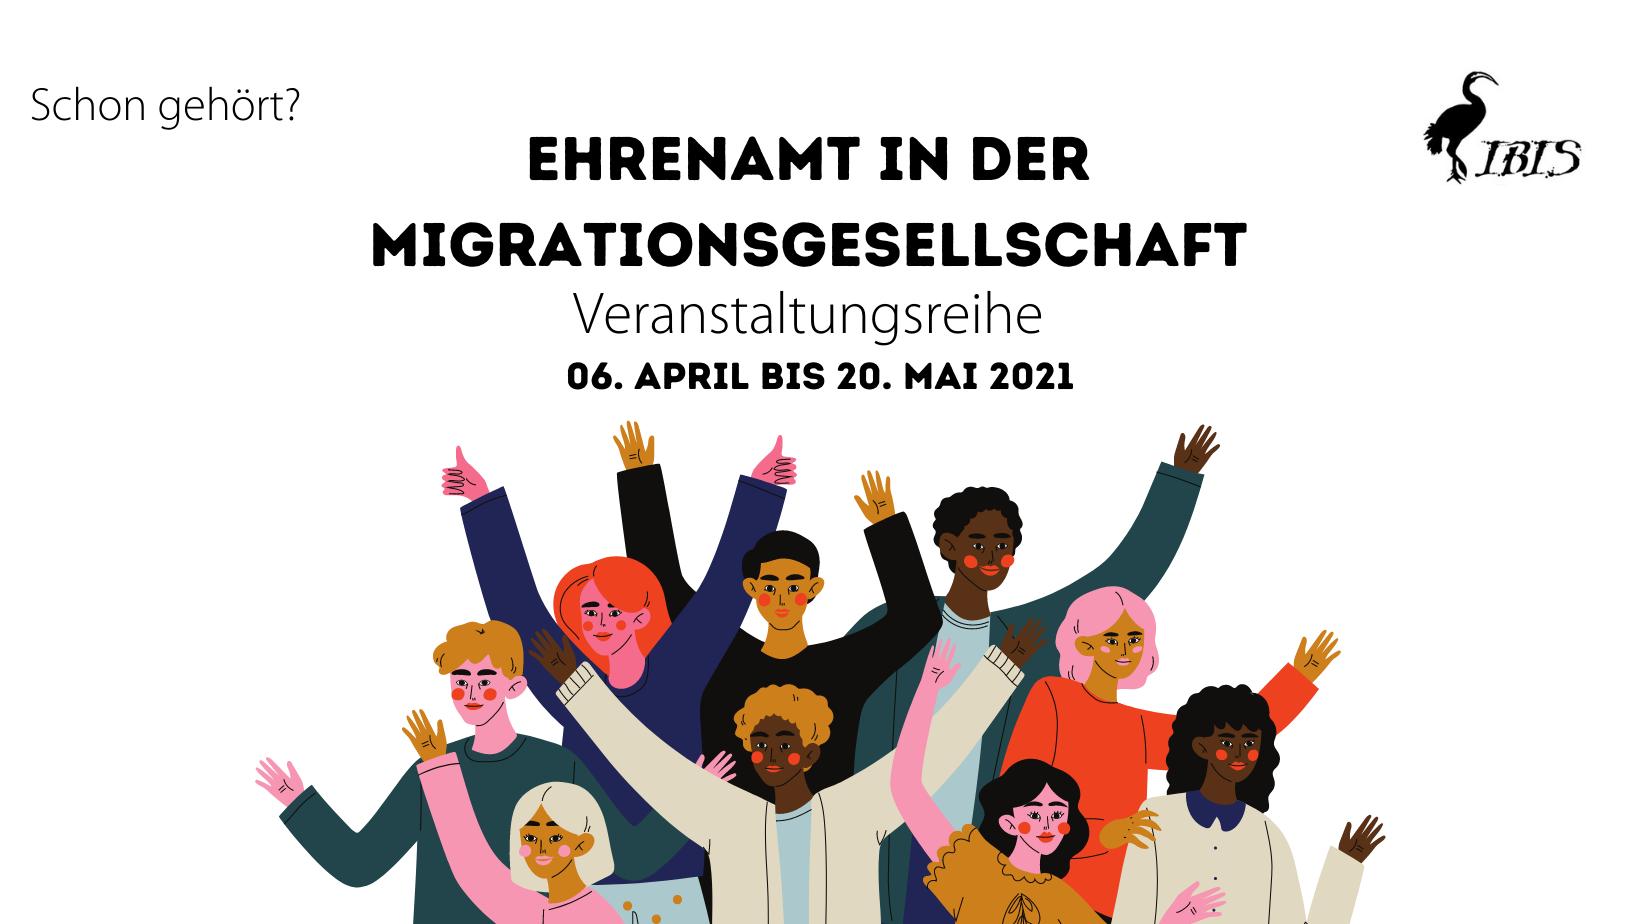 Kopie Von Ehrenamt In Der MIgrationsgesellschaft (Facebook)